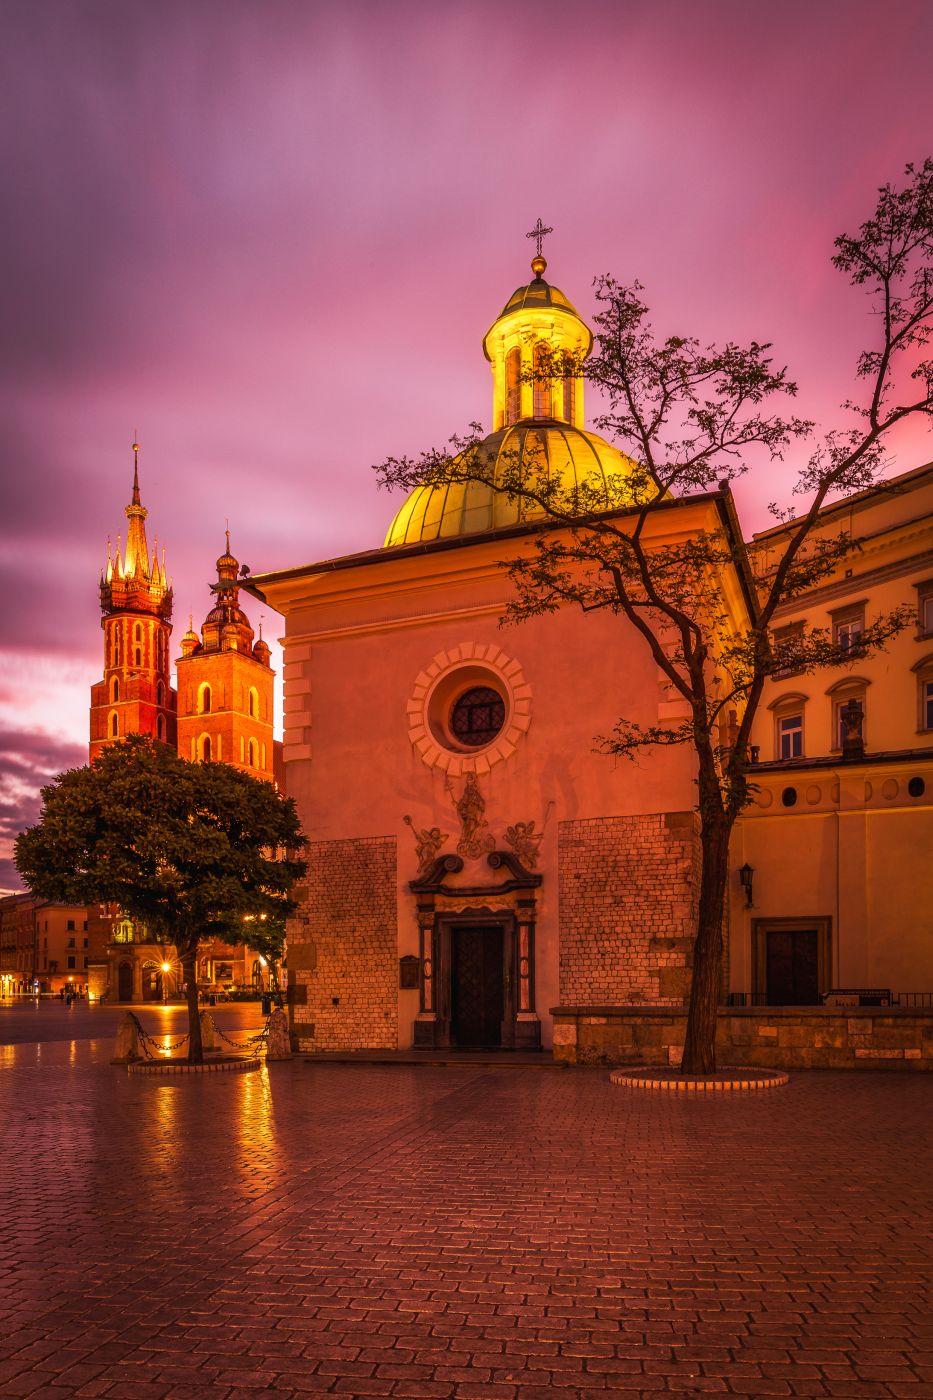 Sunrise at the St. Adalbert's Church in Kraków, Poland